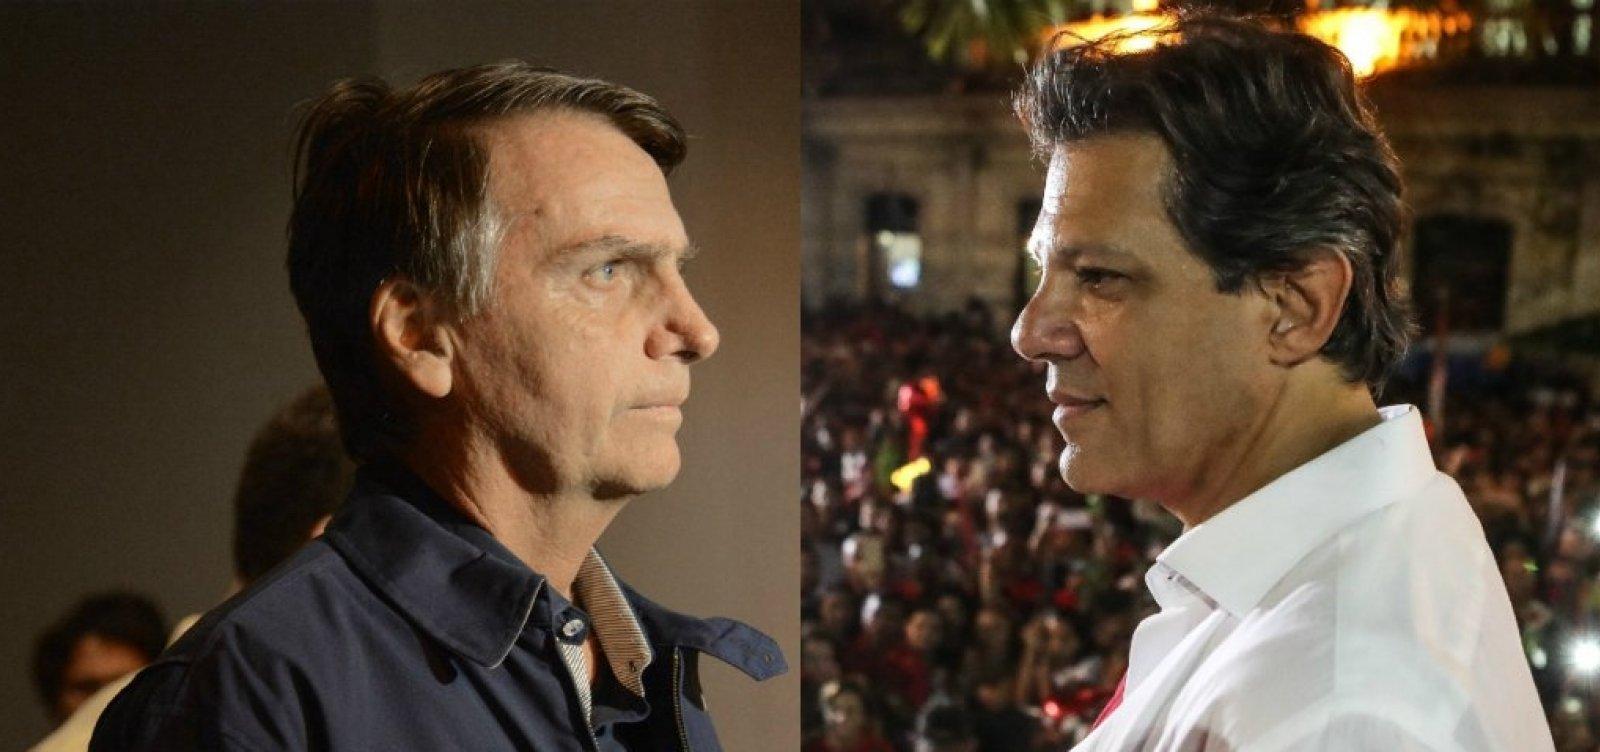 Datafolha aponta Bolsonaro com 58% e Haddad com 42%